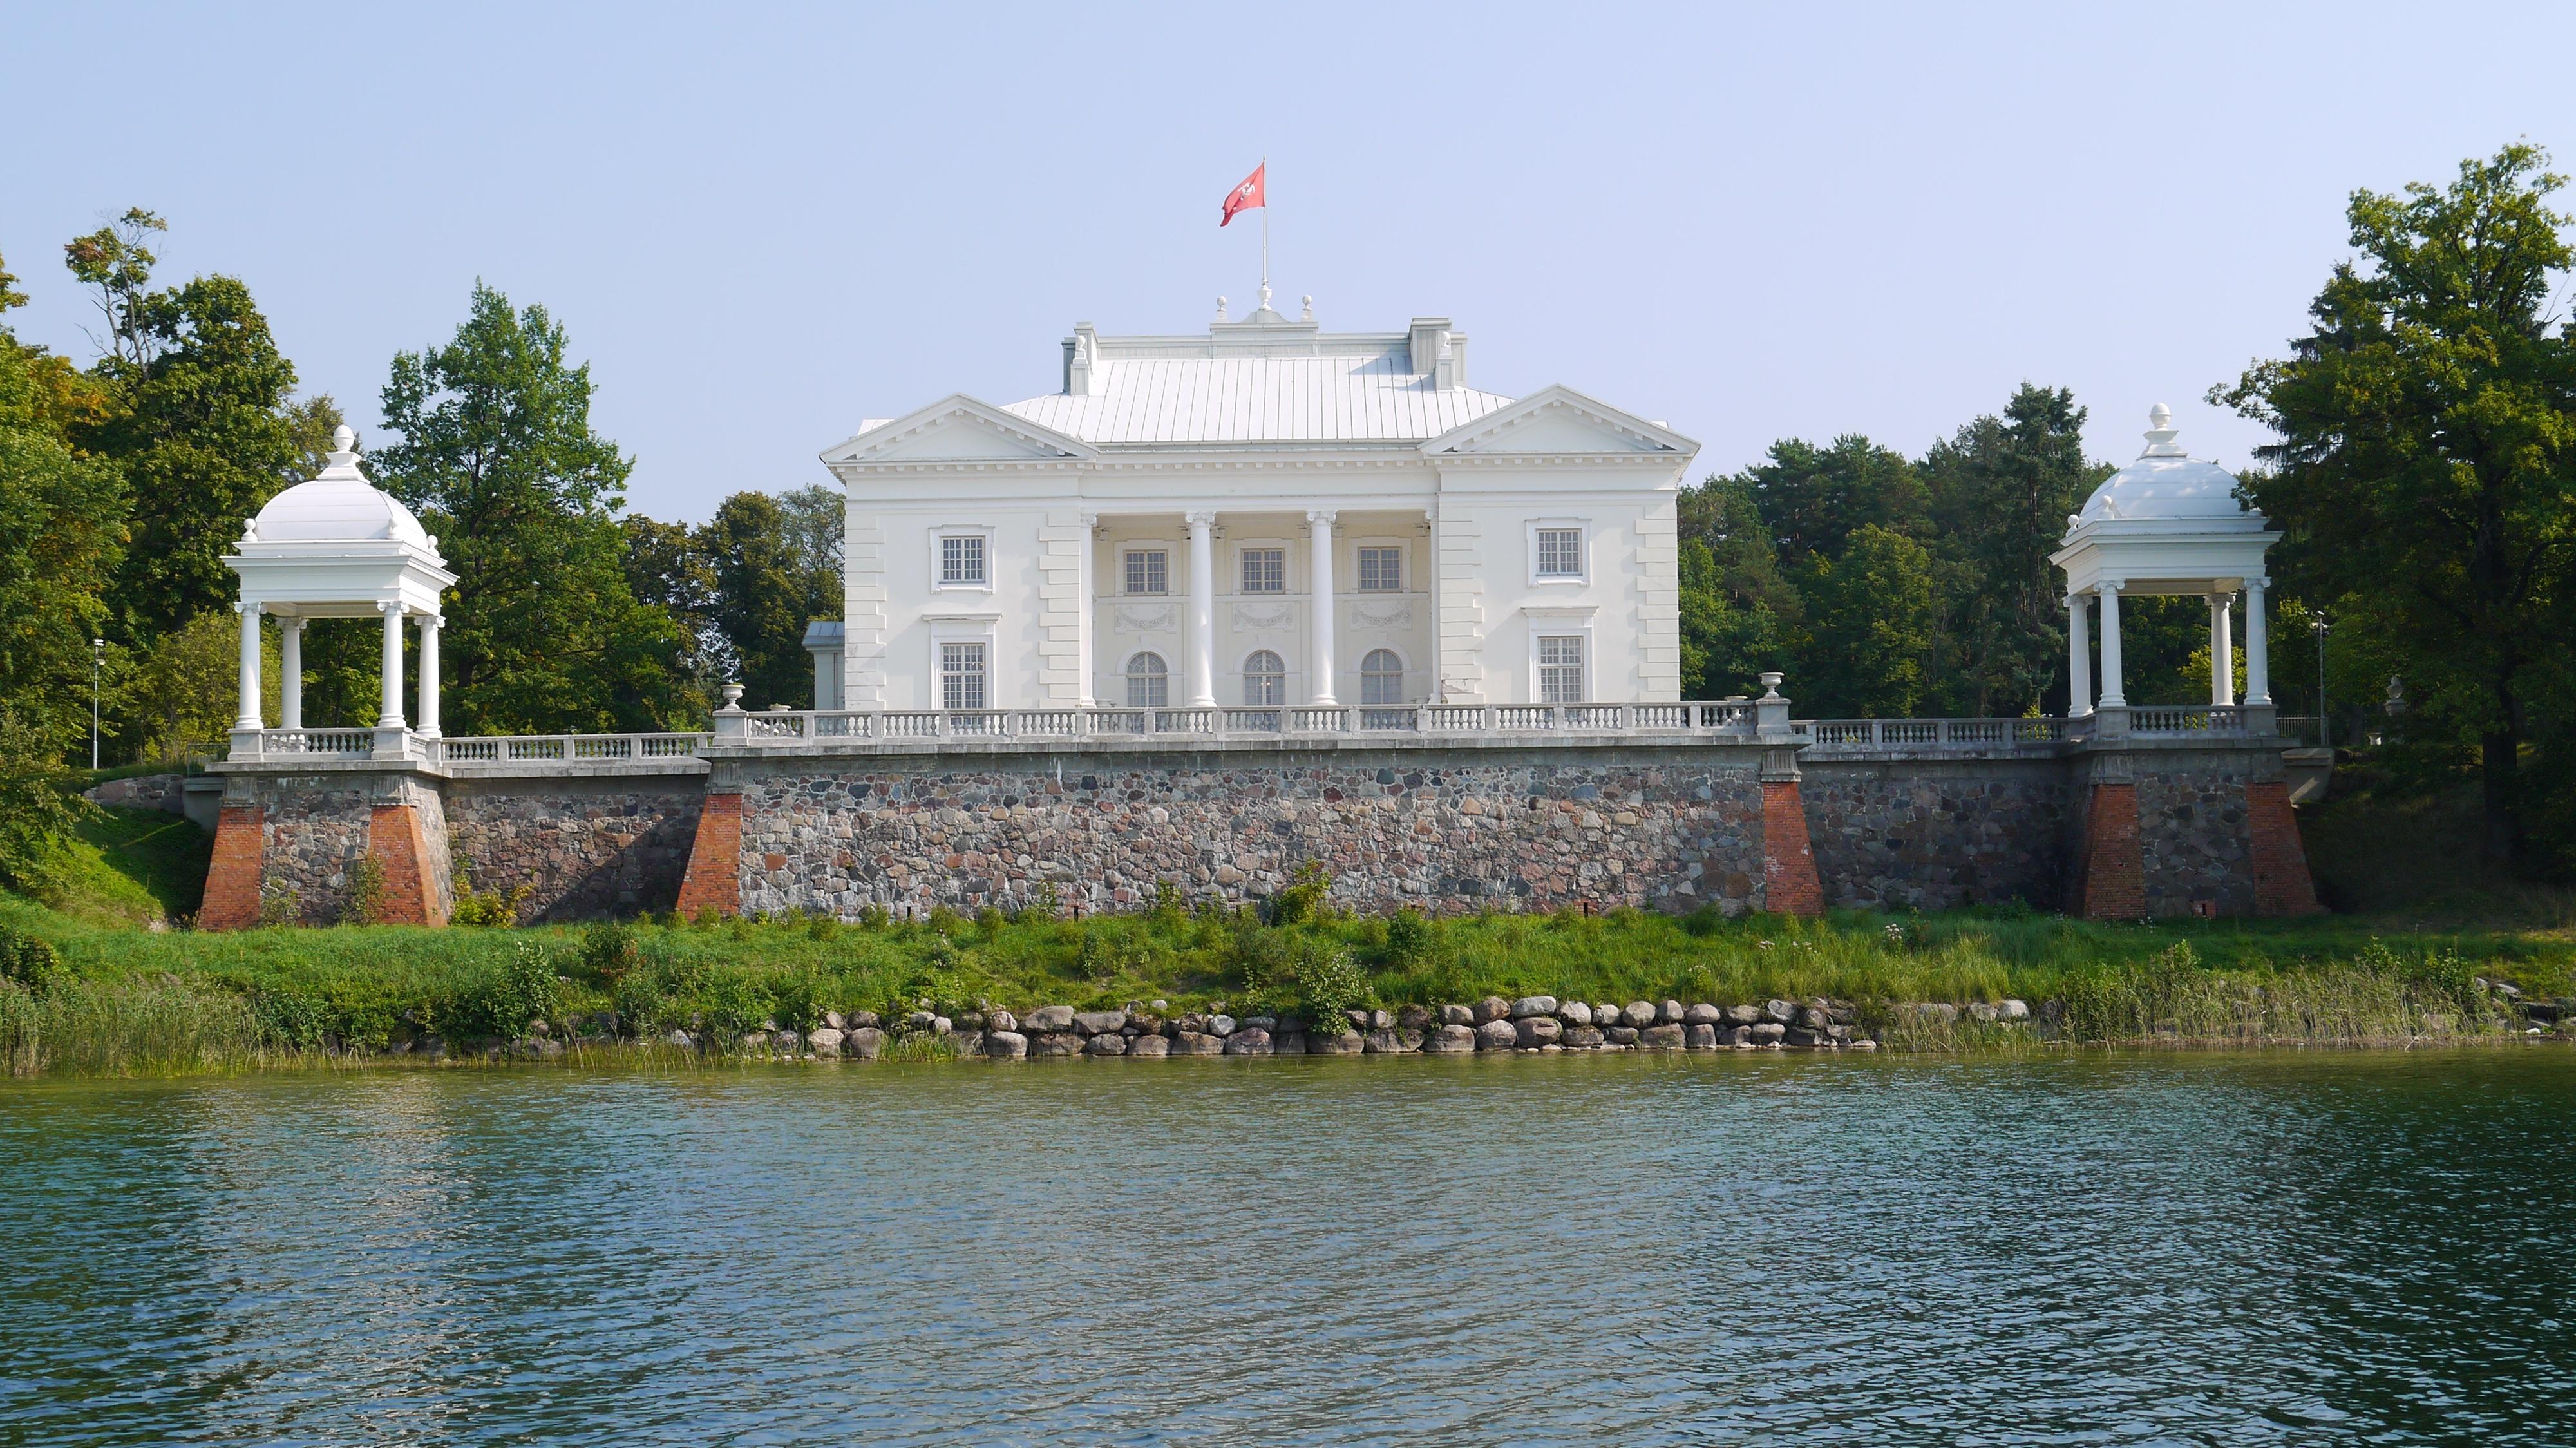 Immobilien Litauen kostenlose foto die architektur haus gebäude chateau palast